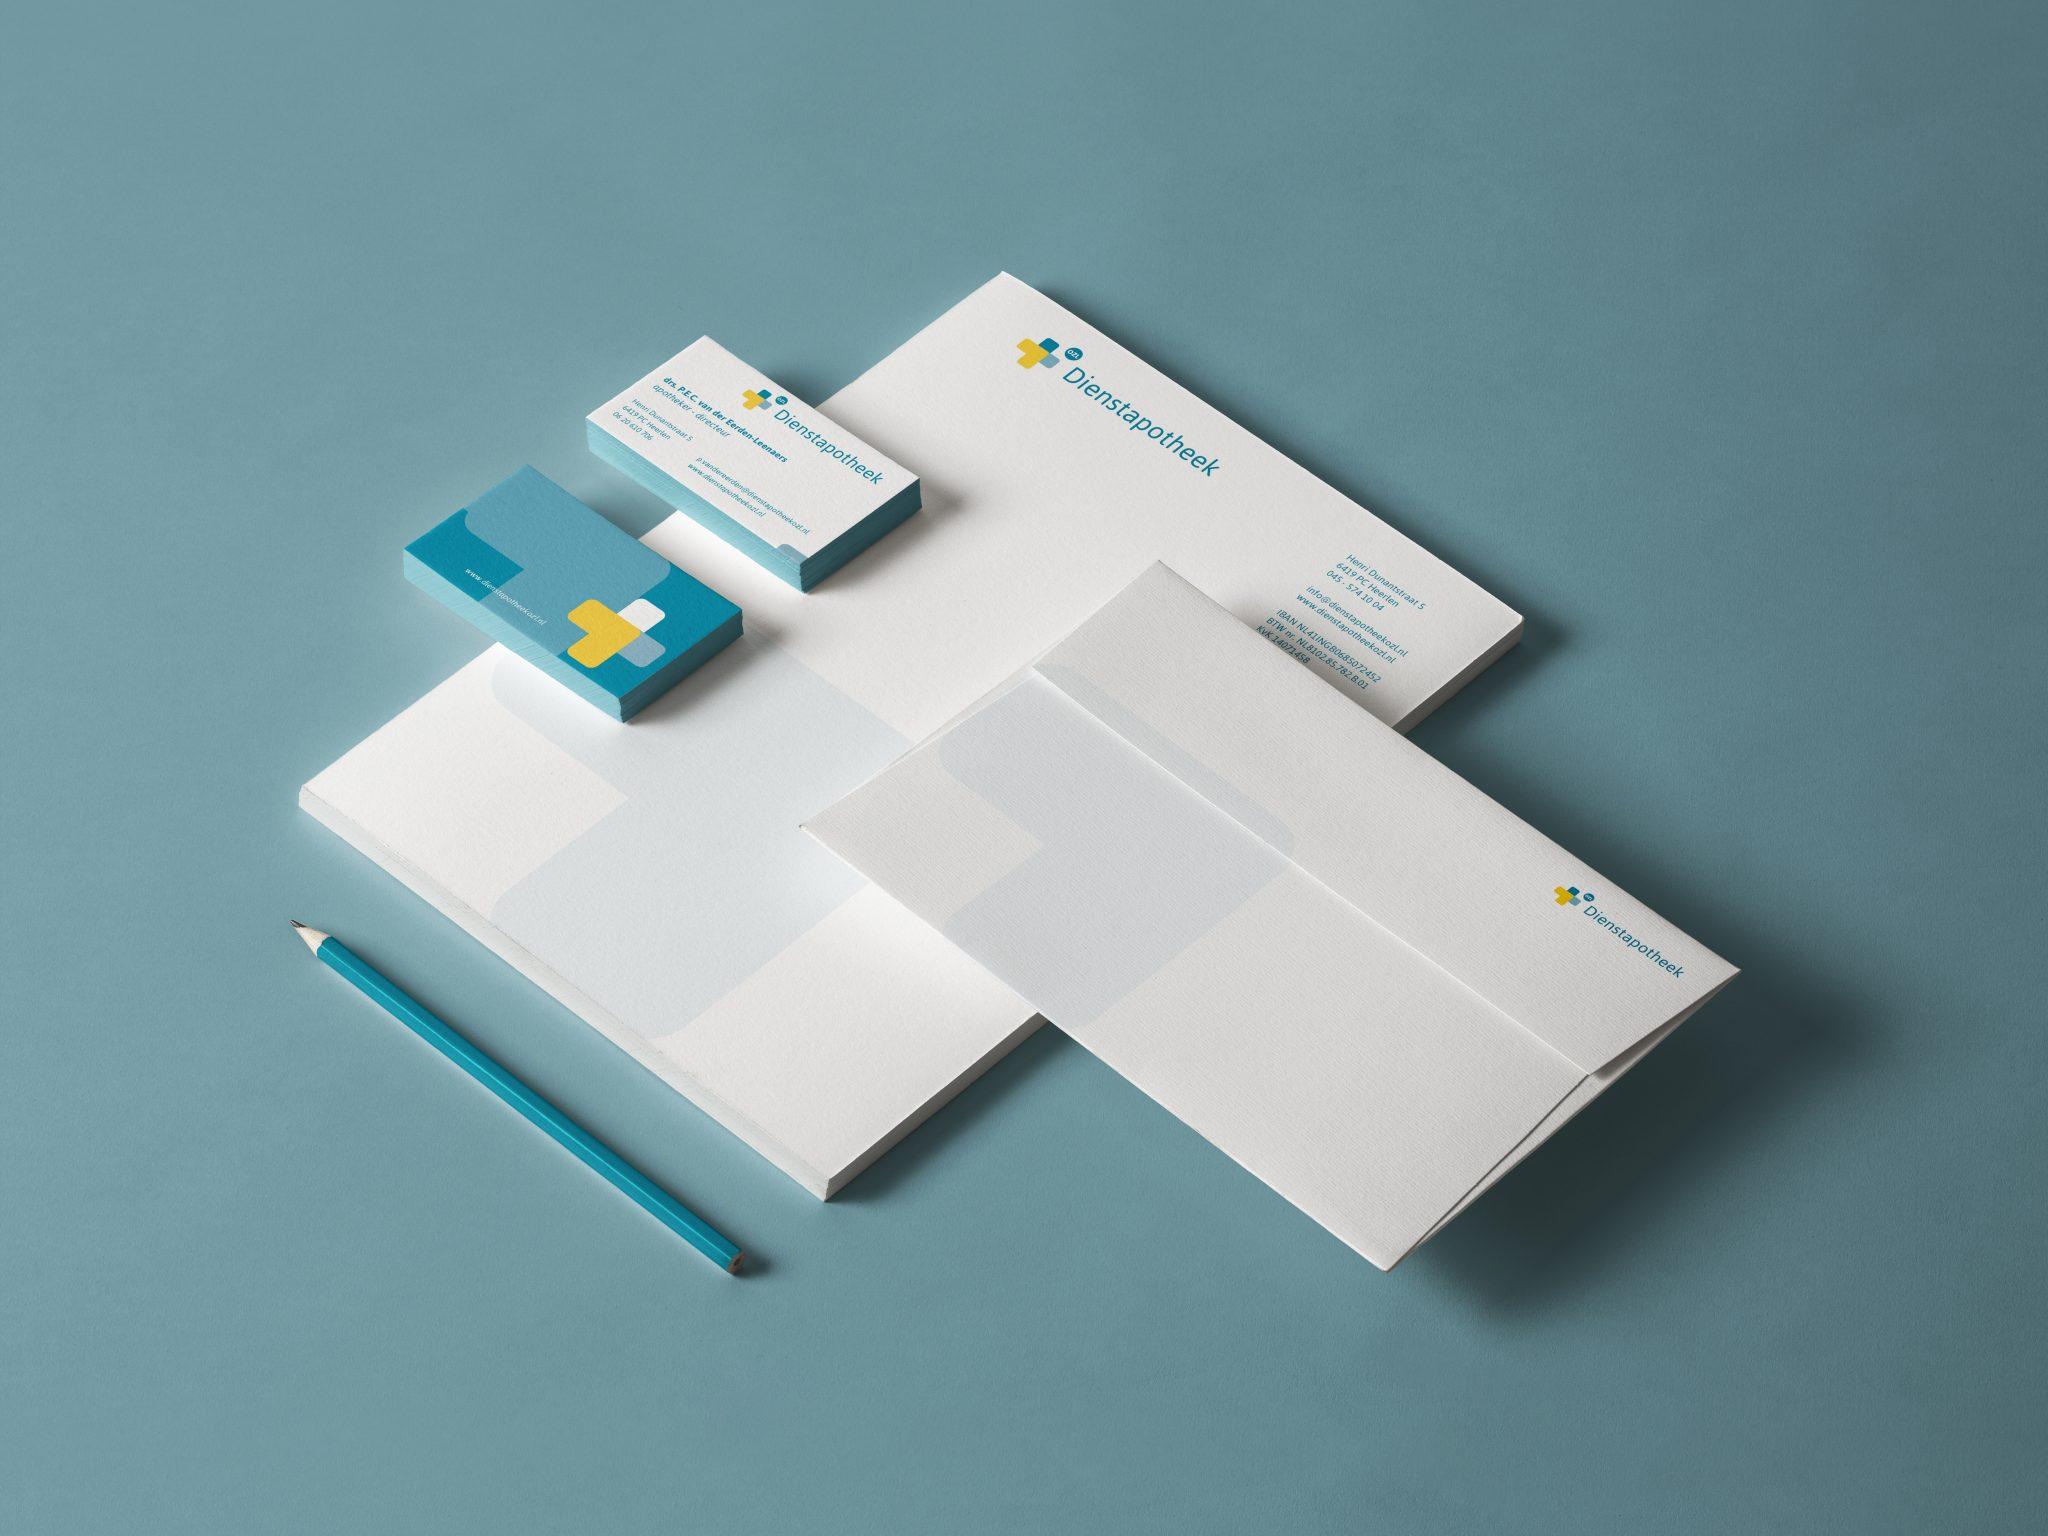 dienstapotheek ozl huisstijl vormgeving drukwerk